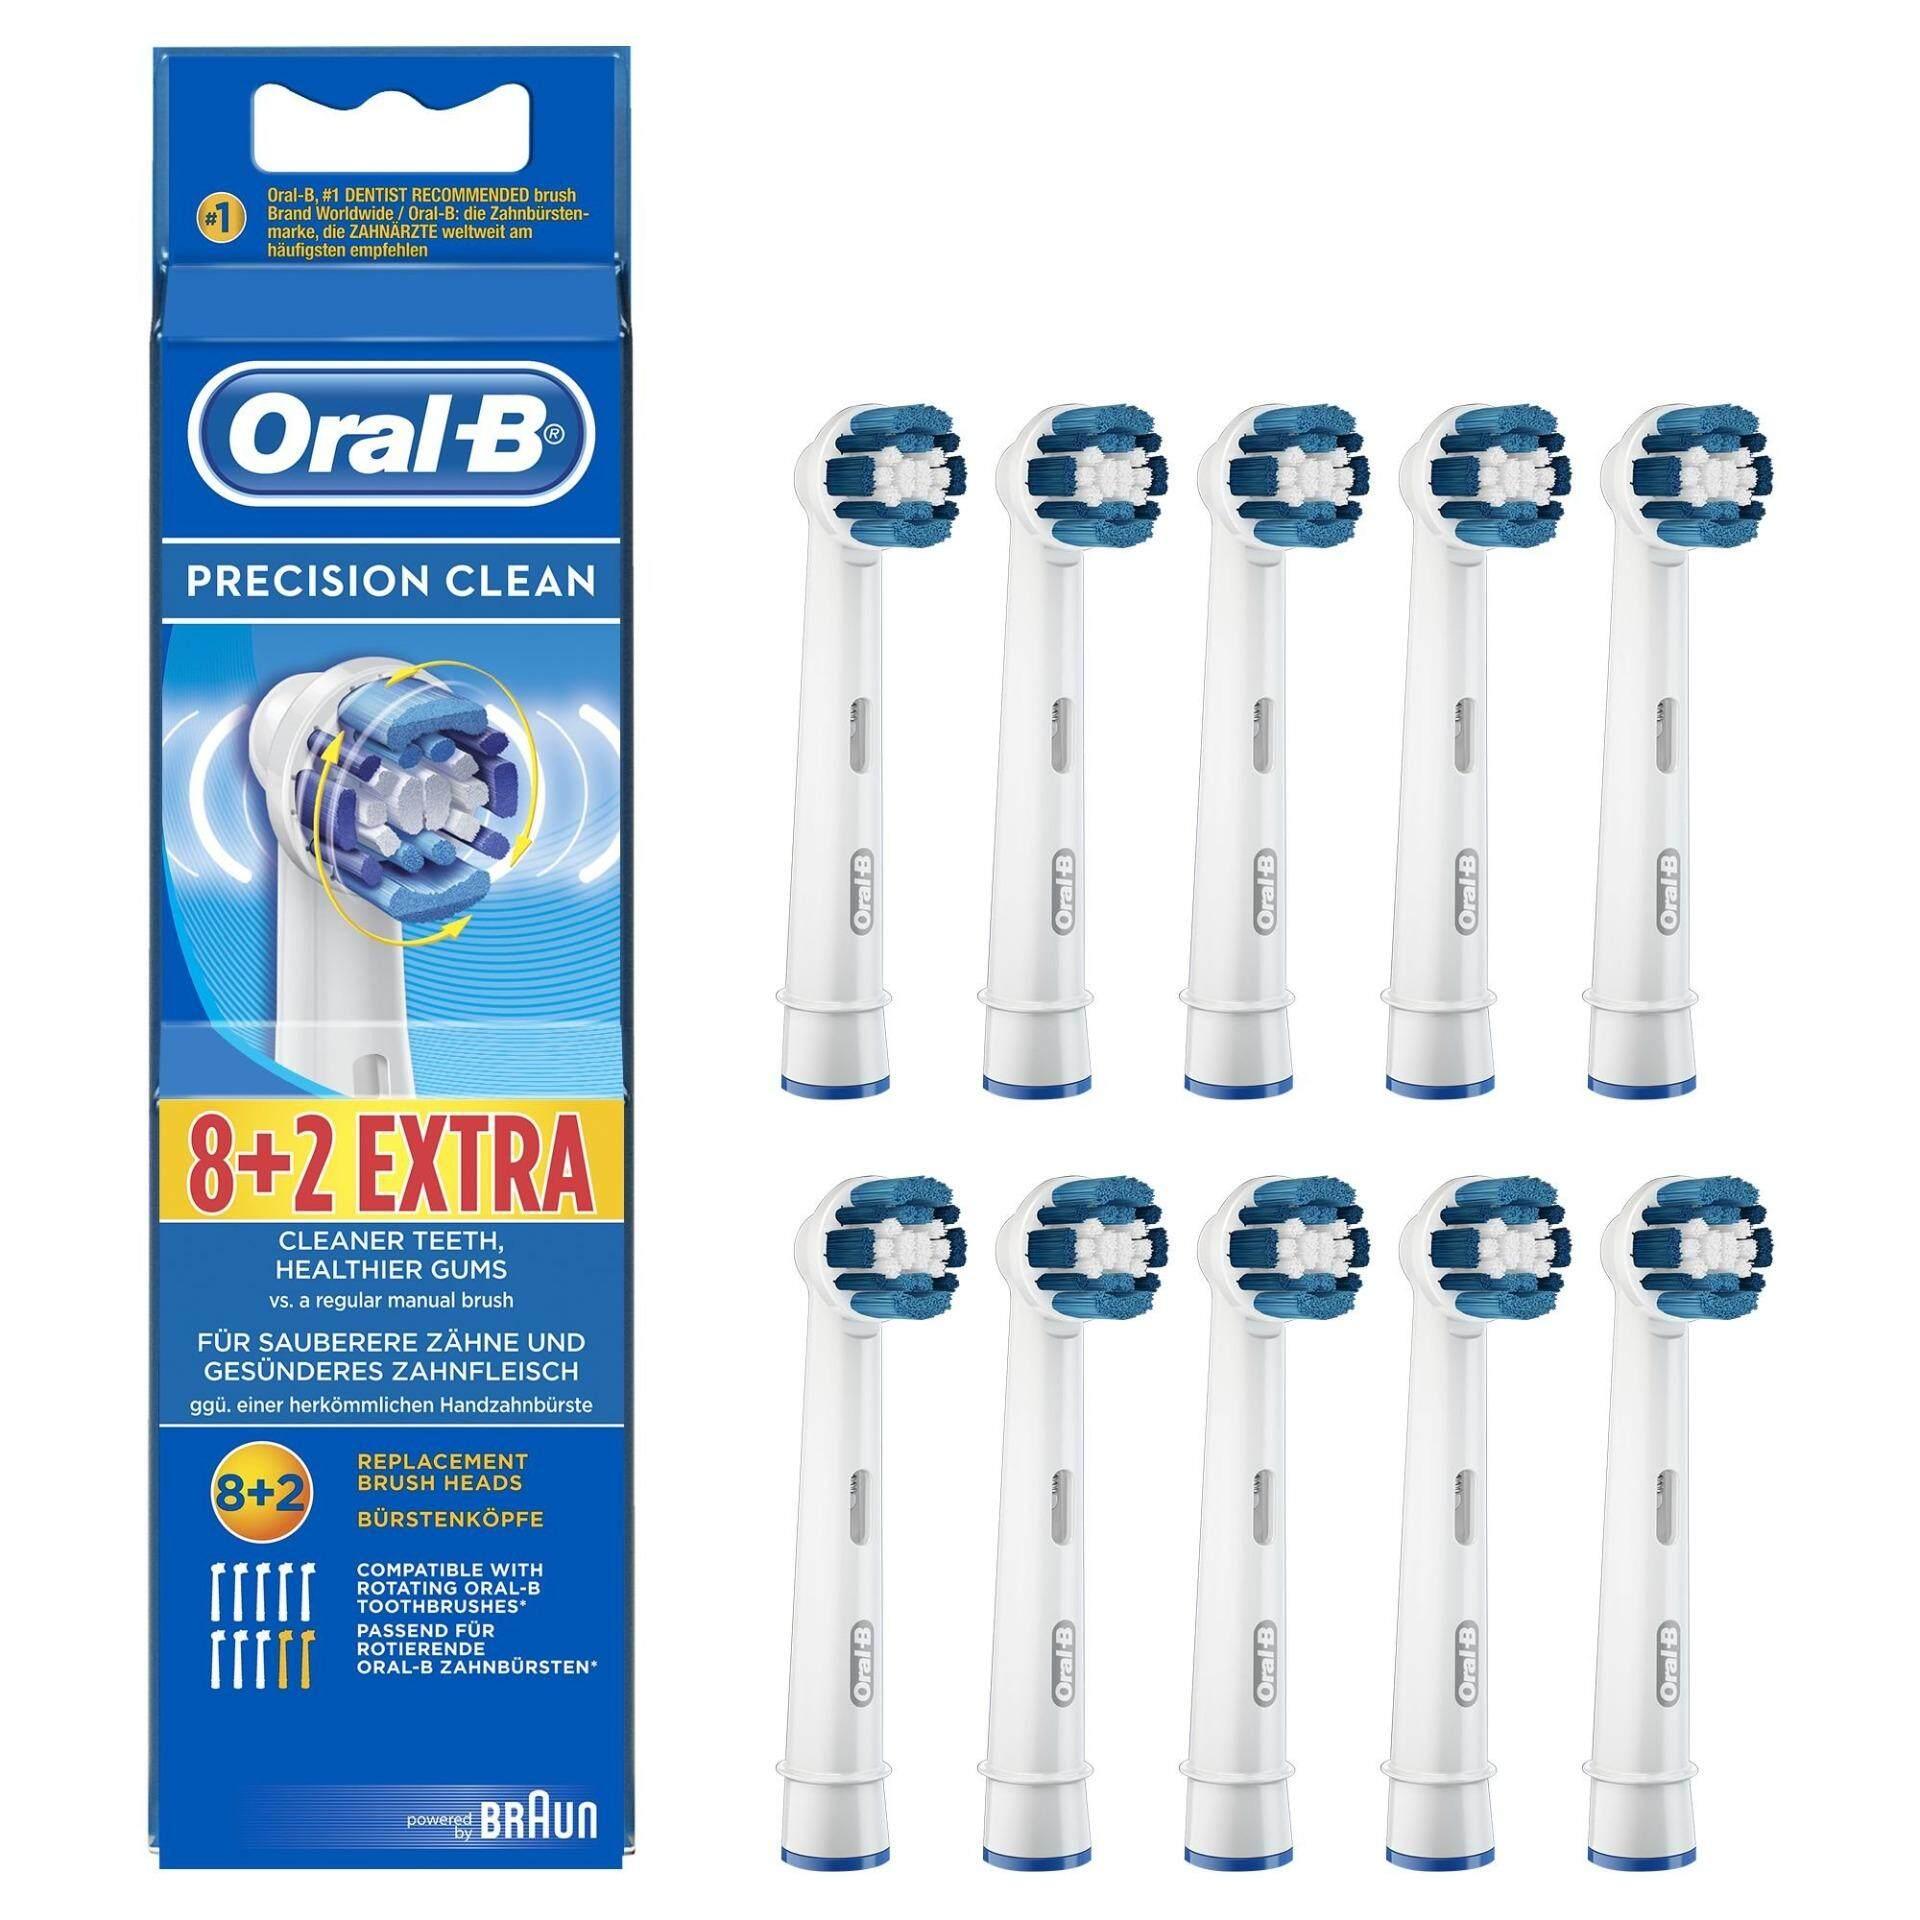 แปรงสีฟันไฟฟ้า รอยยิ้มขาวสดใสใน 1 สัปดาห์ ยโสธร หัวแปรงสีฟันไฟฟ้า Oral B รุ่น Precision clean แพค 10 หัวแปรง